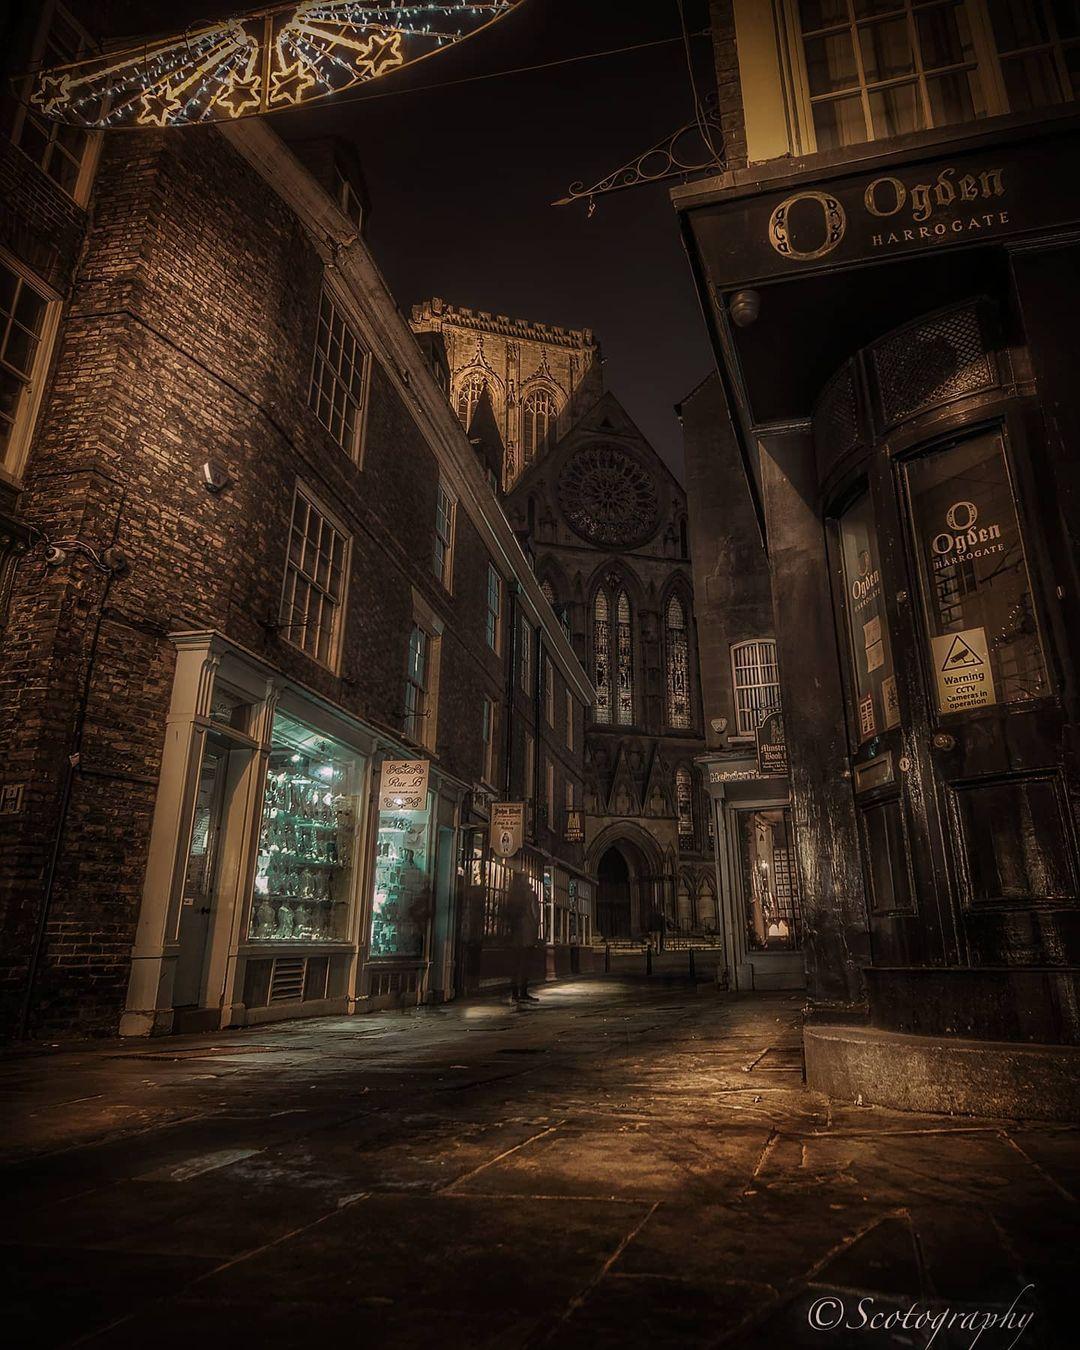 Scott lang thang chụp ảnh đêm trên đường Minster Gates - nơi có cả hàng trang sức Ogden of Harrogate, một thương hiệu địa phương.